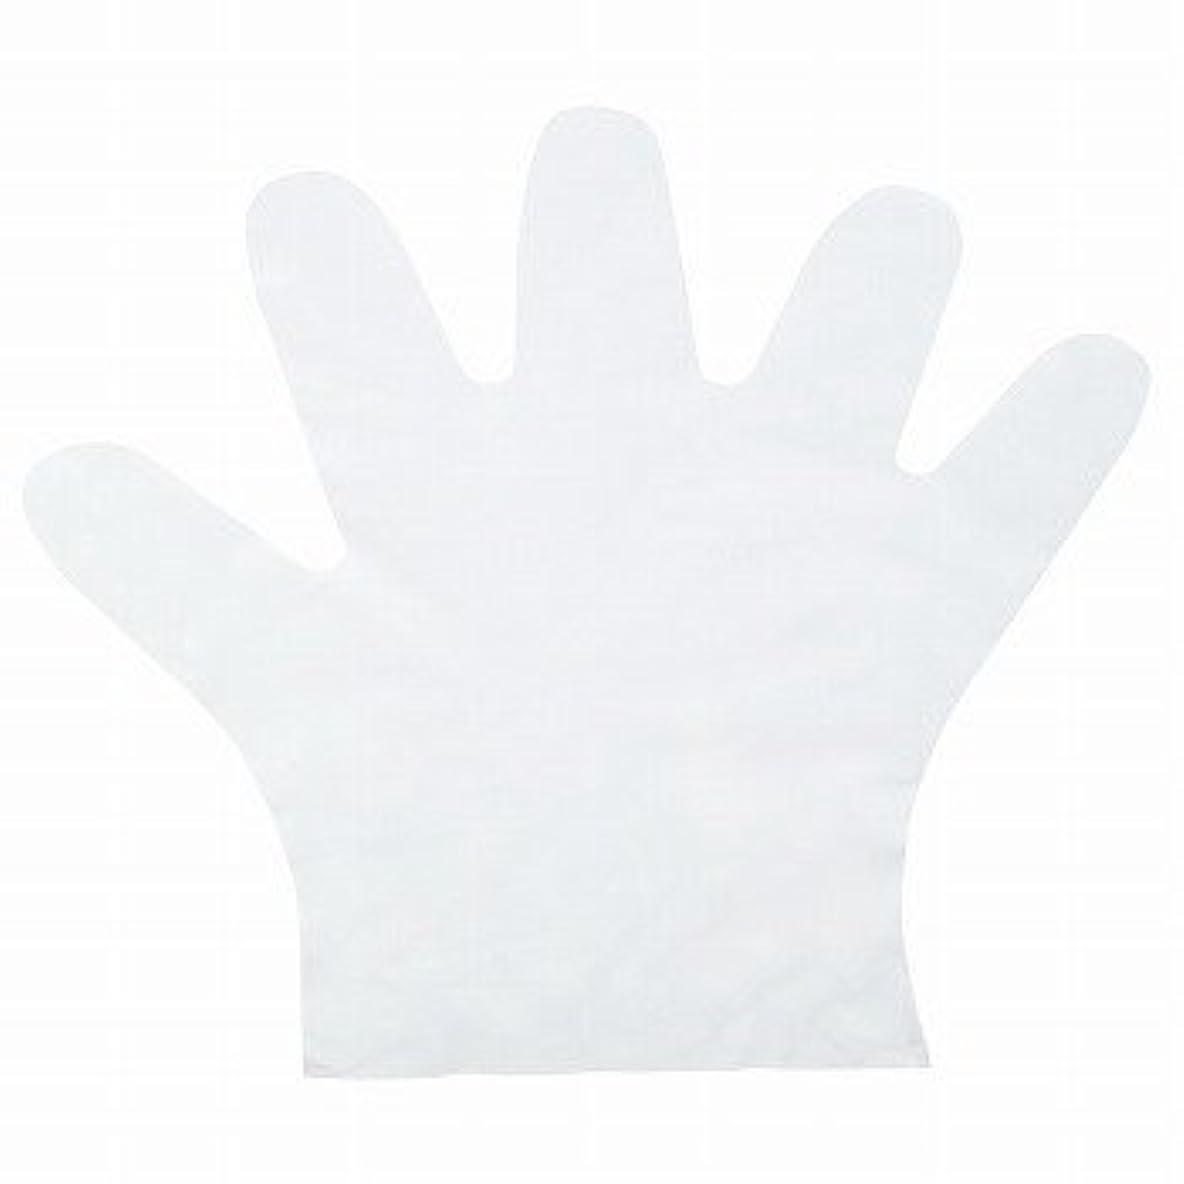 モールオーストラリア人インスタンスおたふく手袋/ポリエチディスポ(LD) [100枚入]/品番:248 サイズ:S